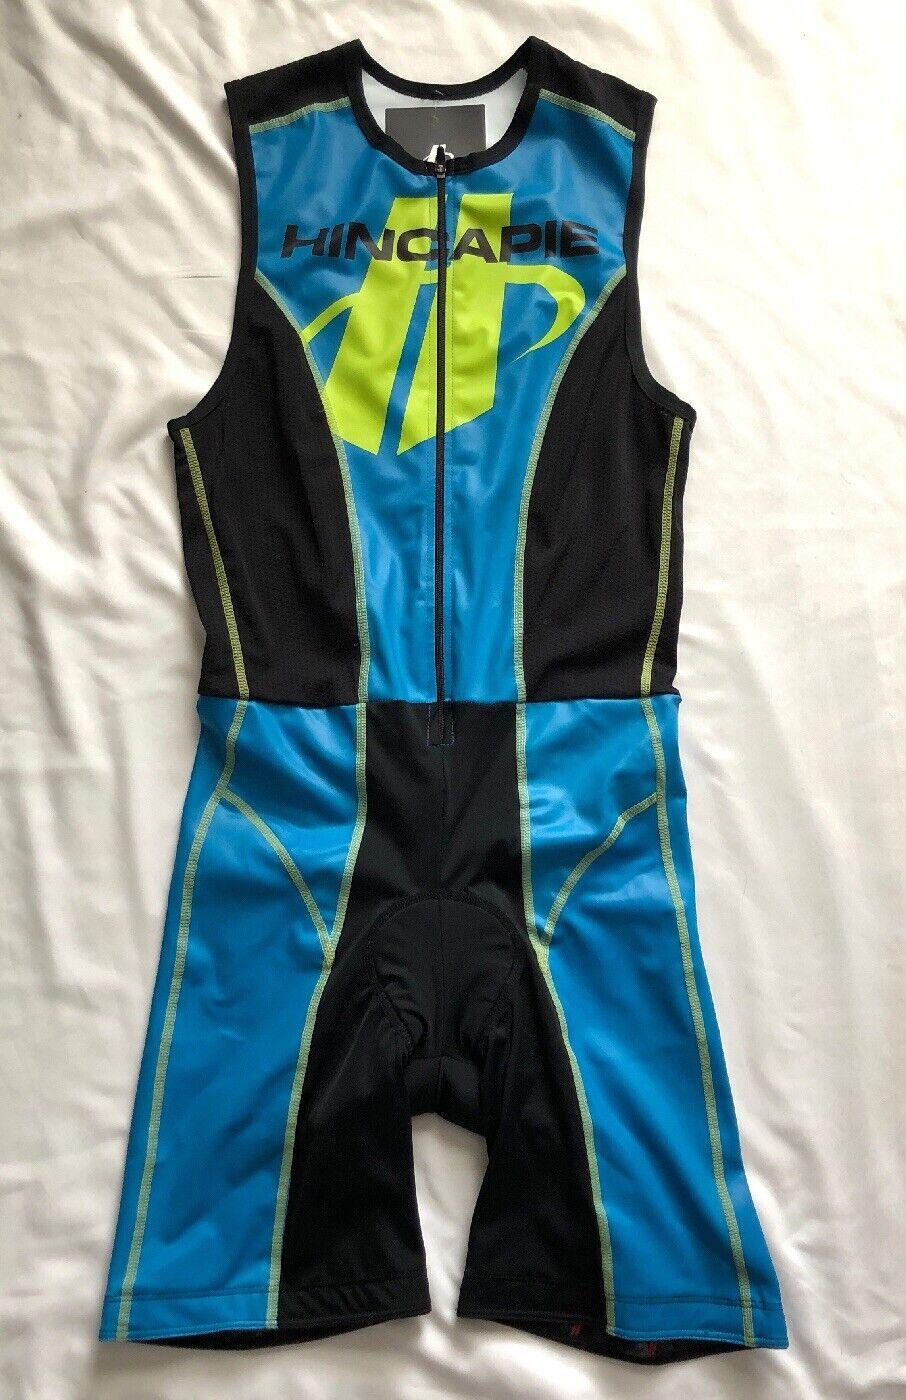 Hincapie flujo Tri traje para ciclismo talla s nuevo con etiquetas